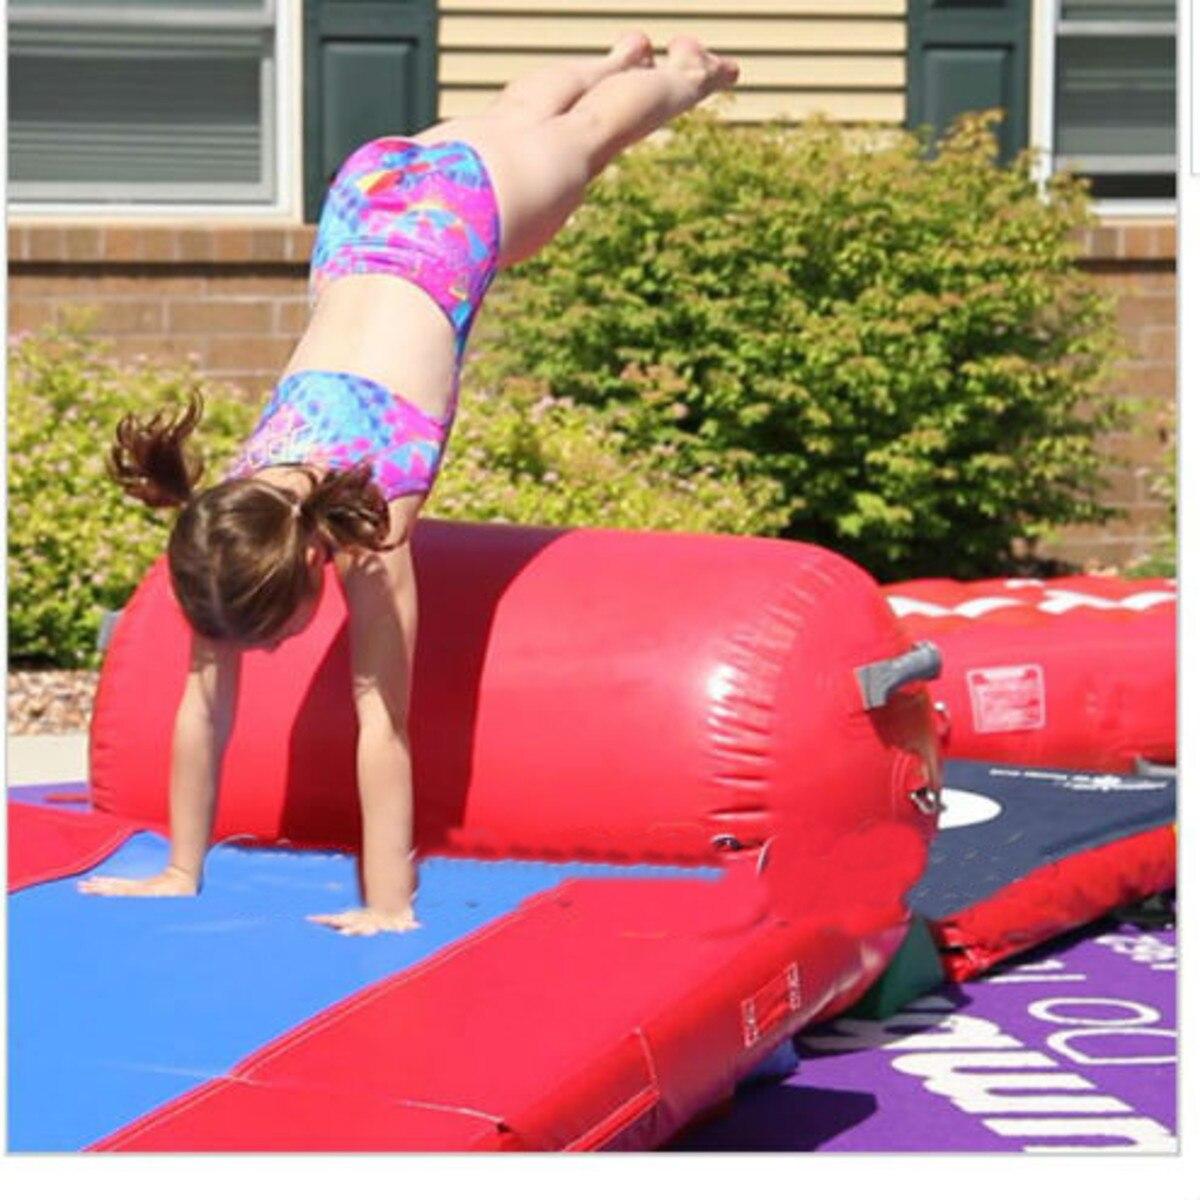 Gofun AirTrack Air cylindre Tumbling piste gymnastique exercice colonne gonflable Gym inversé Backflip entraînement enfants en sécurité - 4